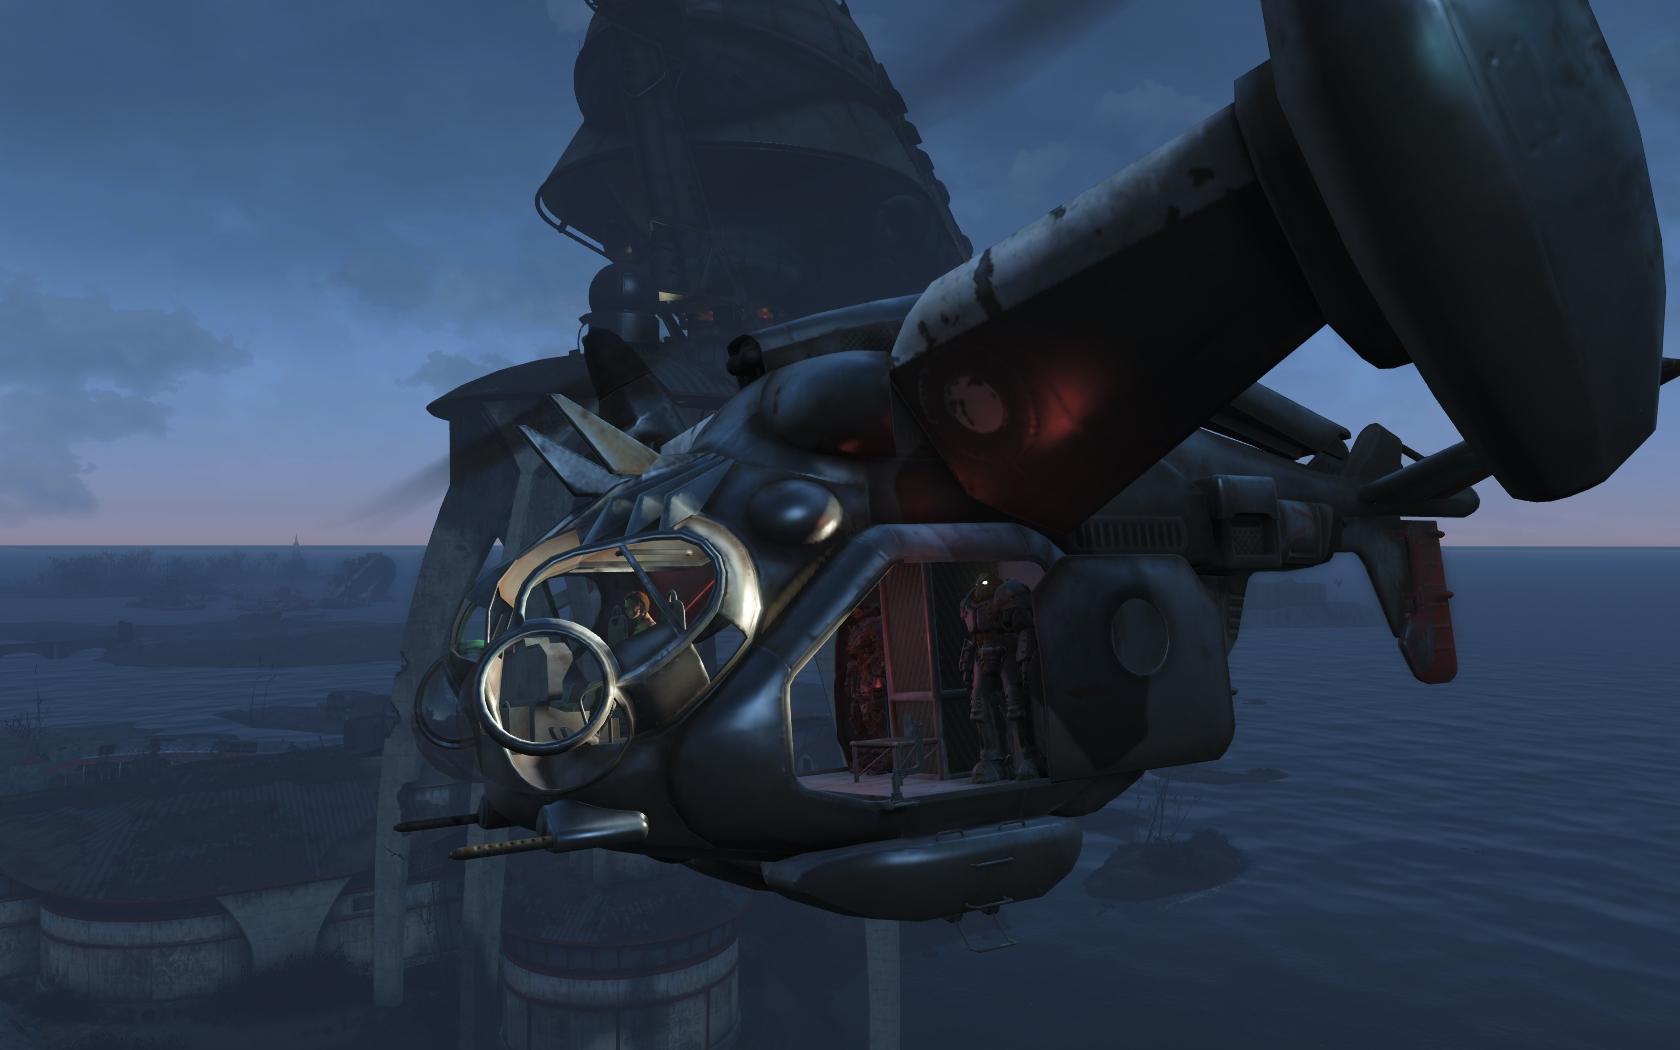 Летим к Масс фьюжн #2 - Fallout 4 Винтокрыл